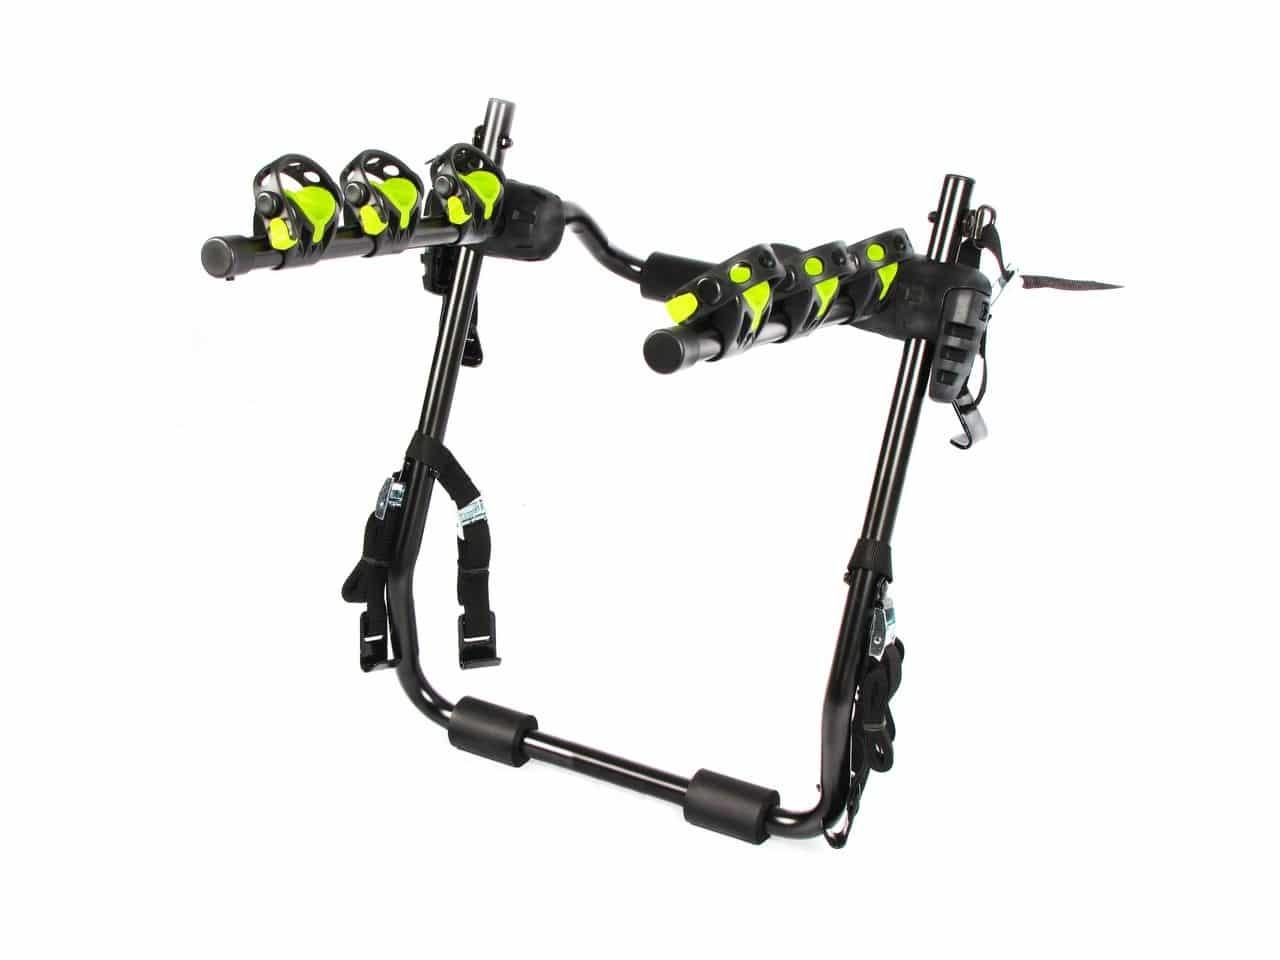 Porte-vélo de voiture arrière Buzz Rack Beetle